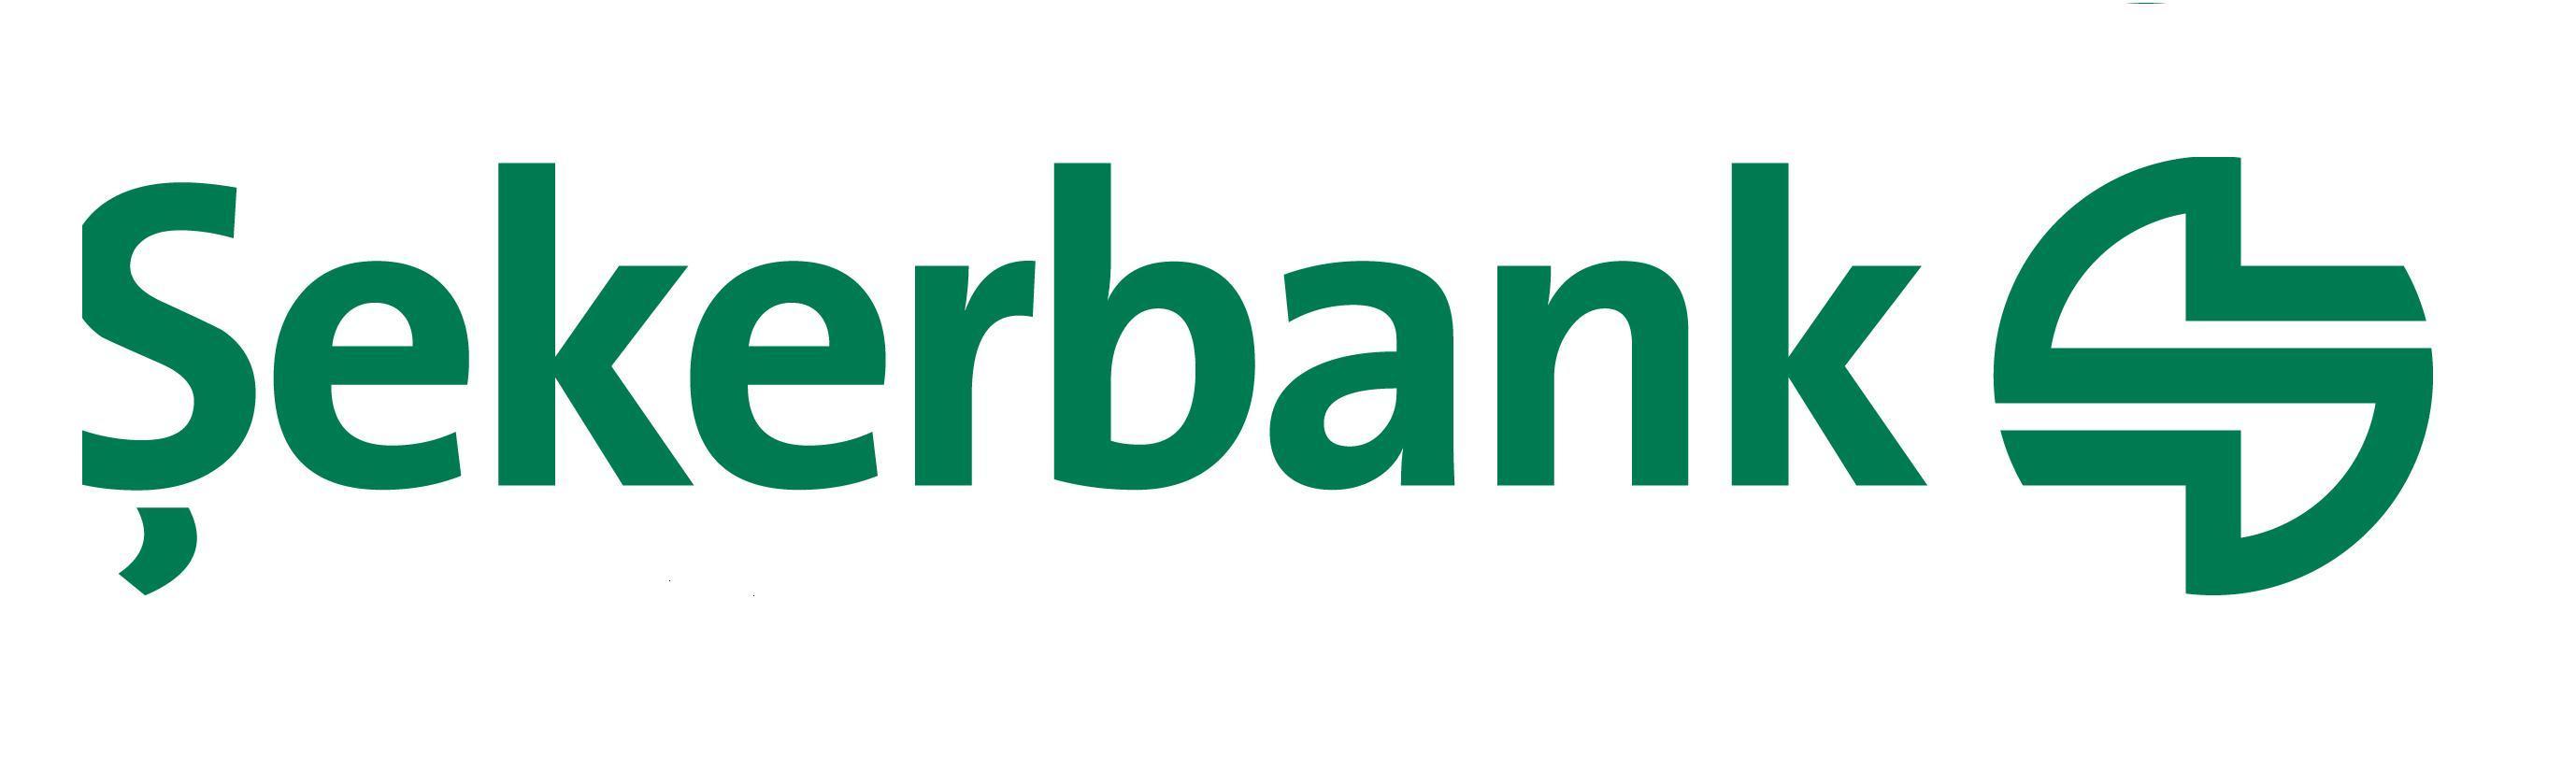 sekerbank_logo